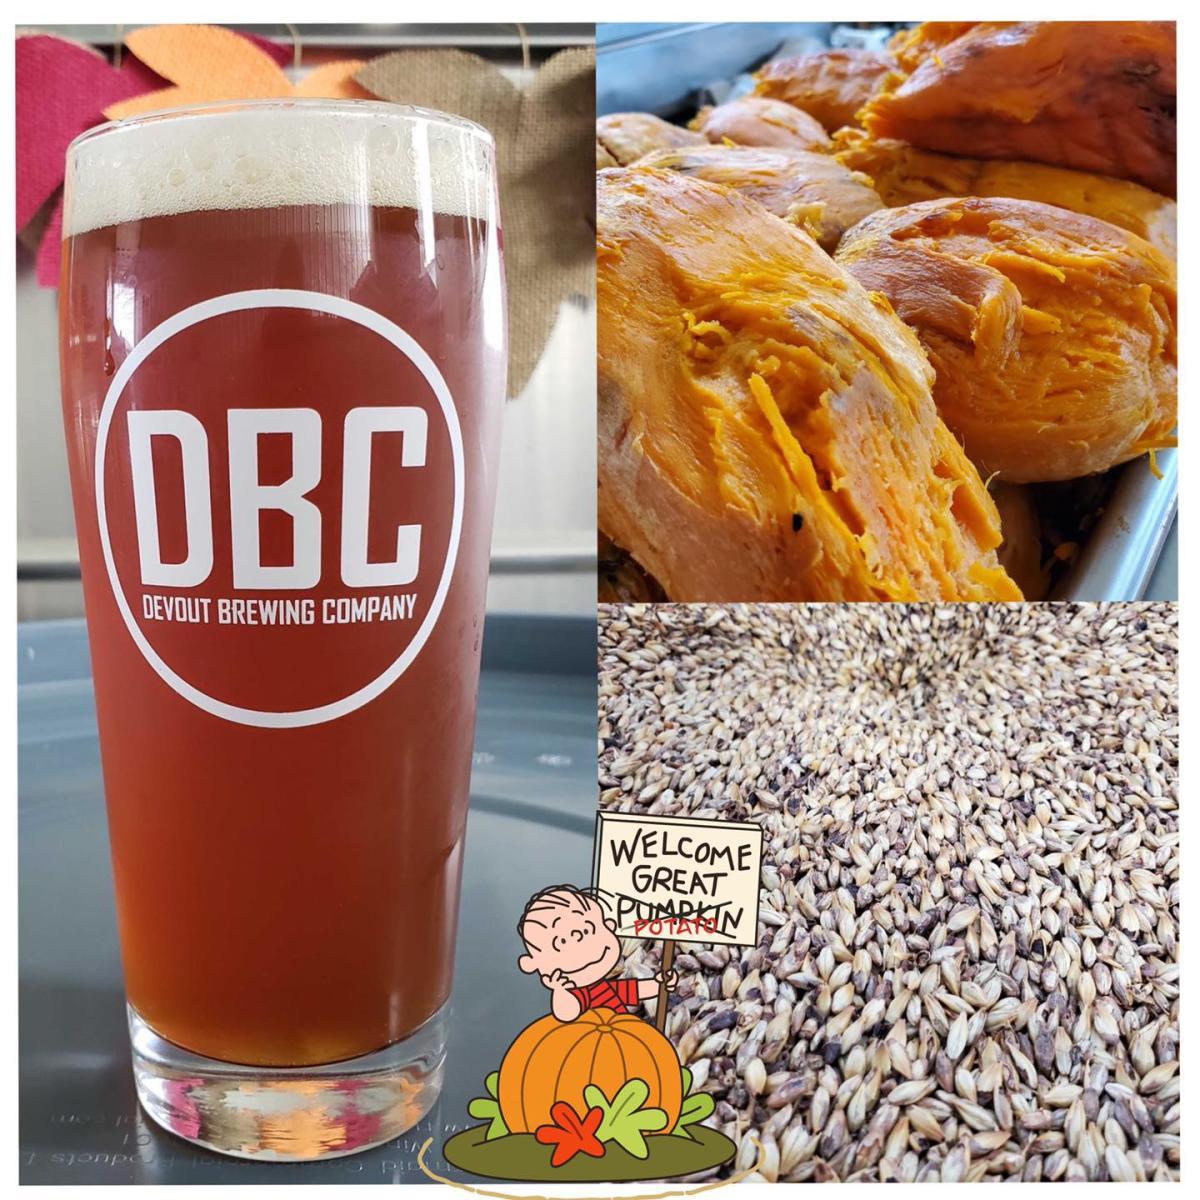 Devout Brewing Company Potatolicious